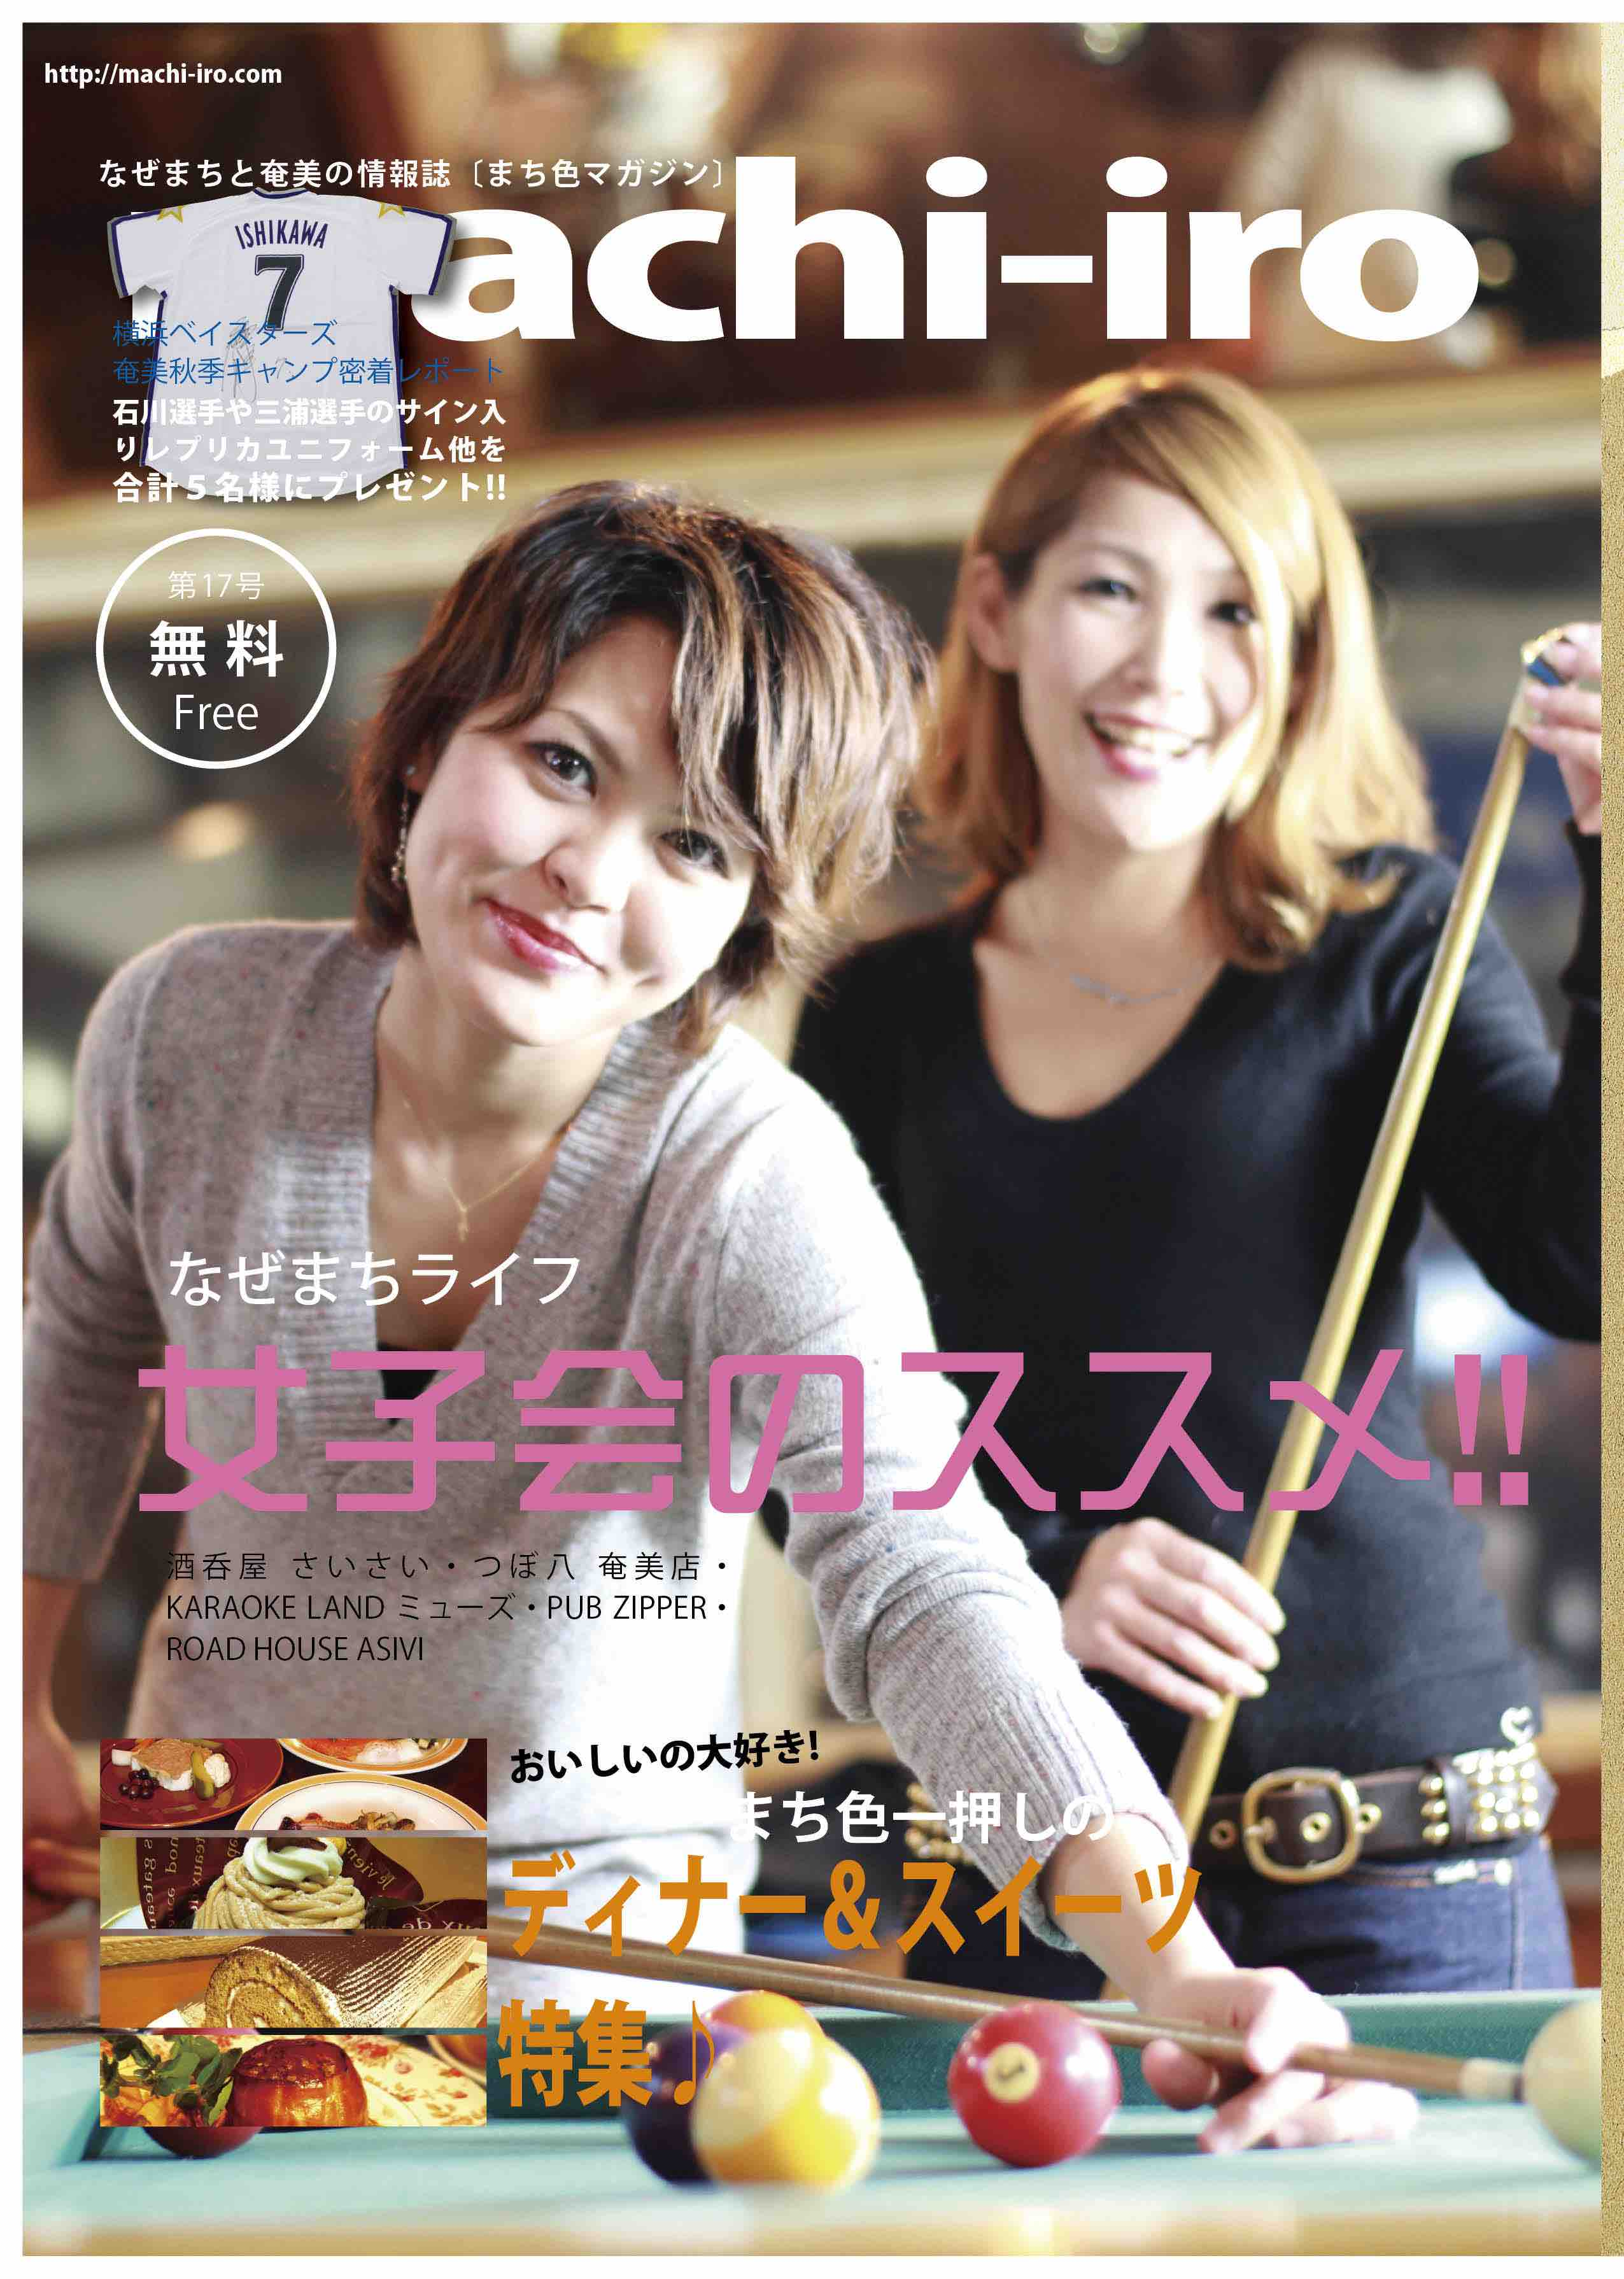 machi-iro magazine #17